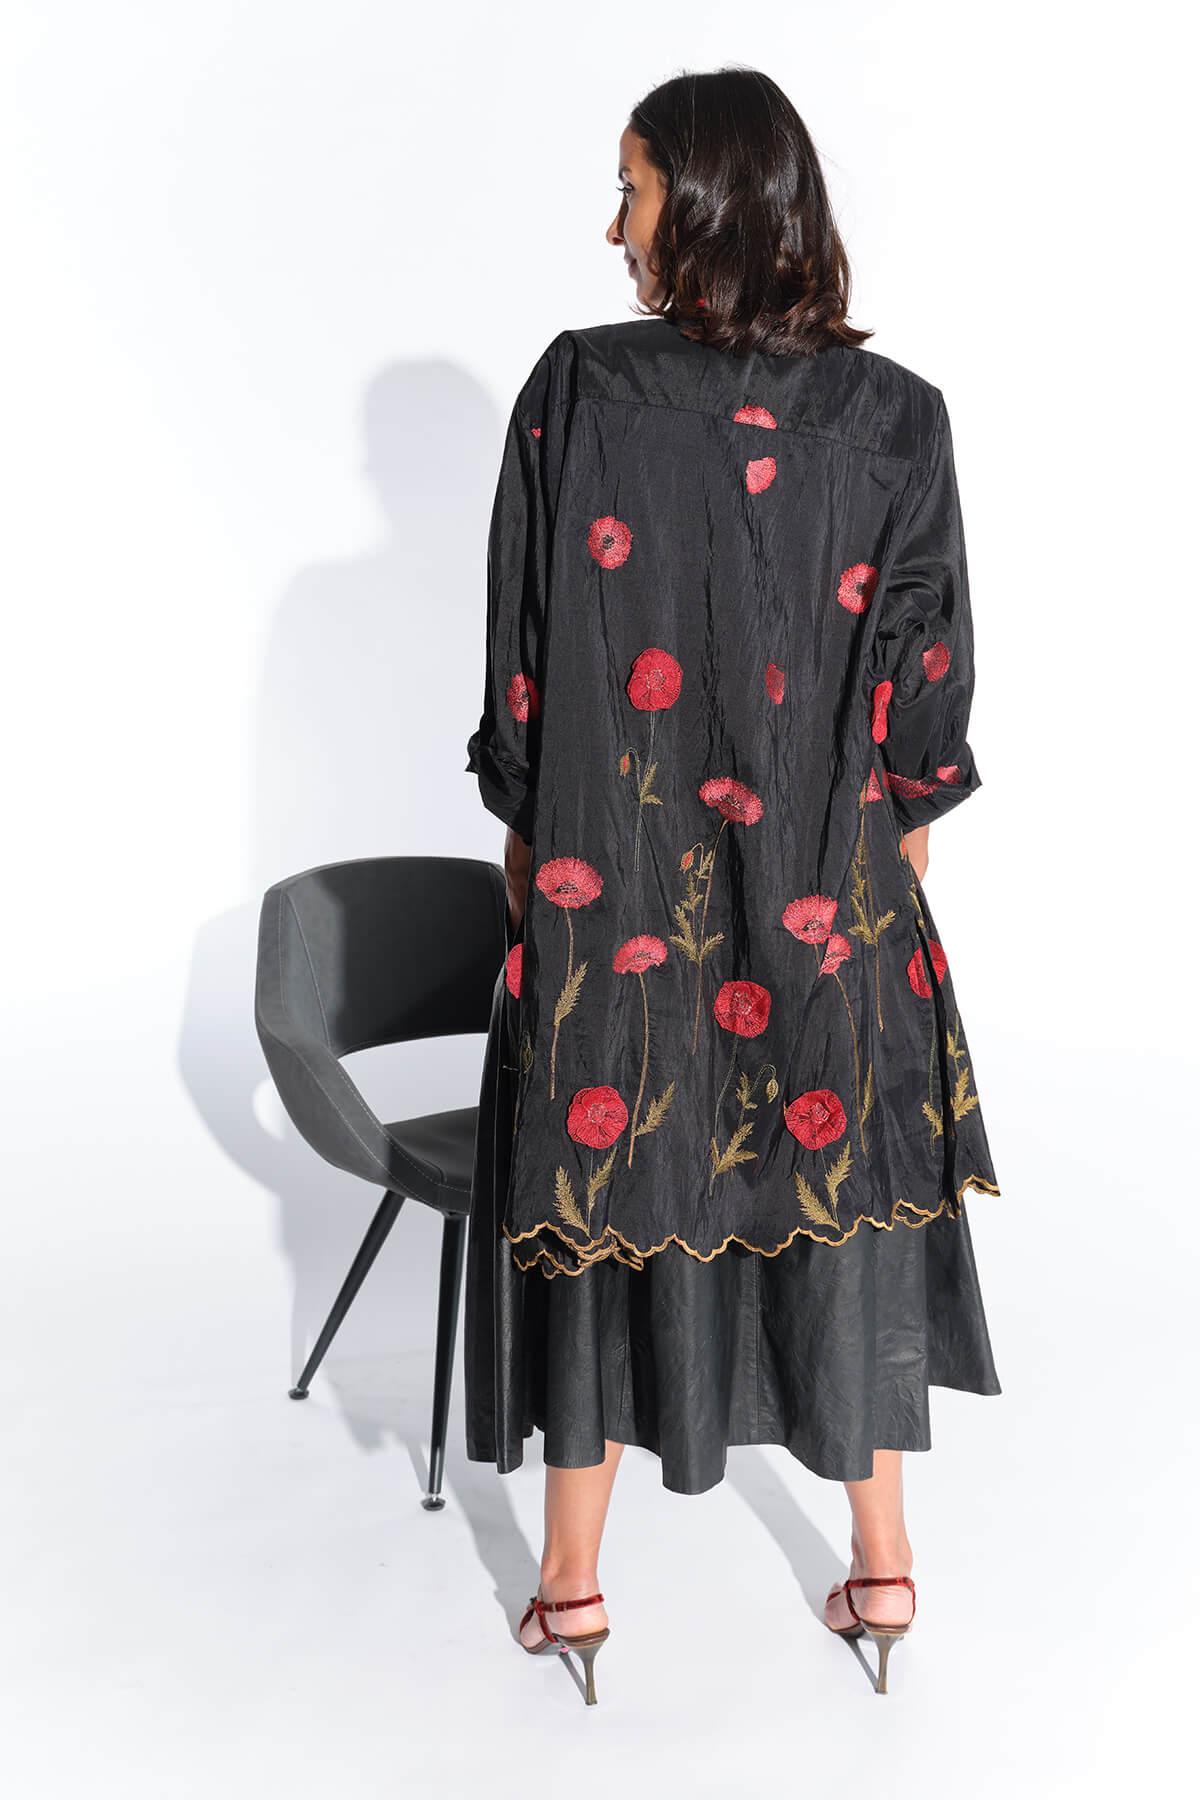 80ler abartılı vatkalı siyah ince organze kumaş üzeri gelincik çiçekli bluz